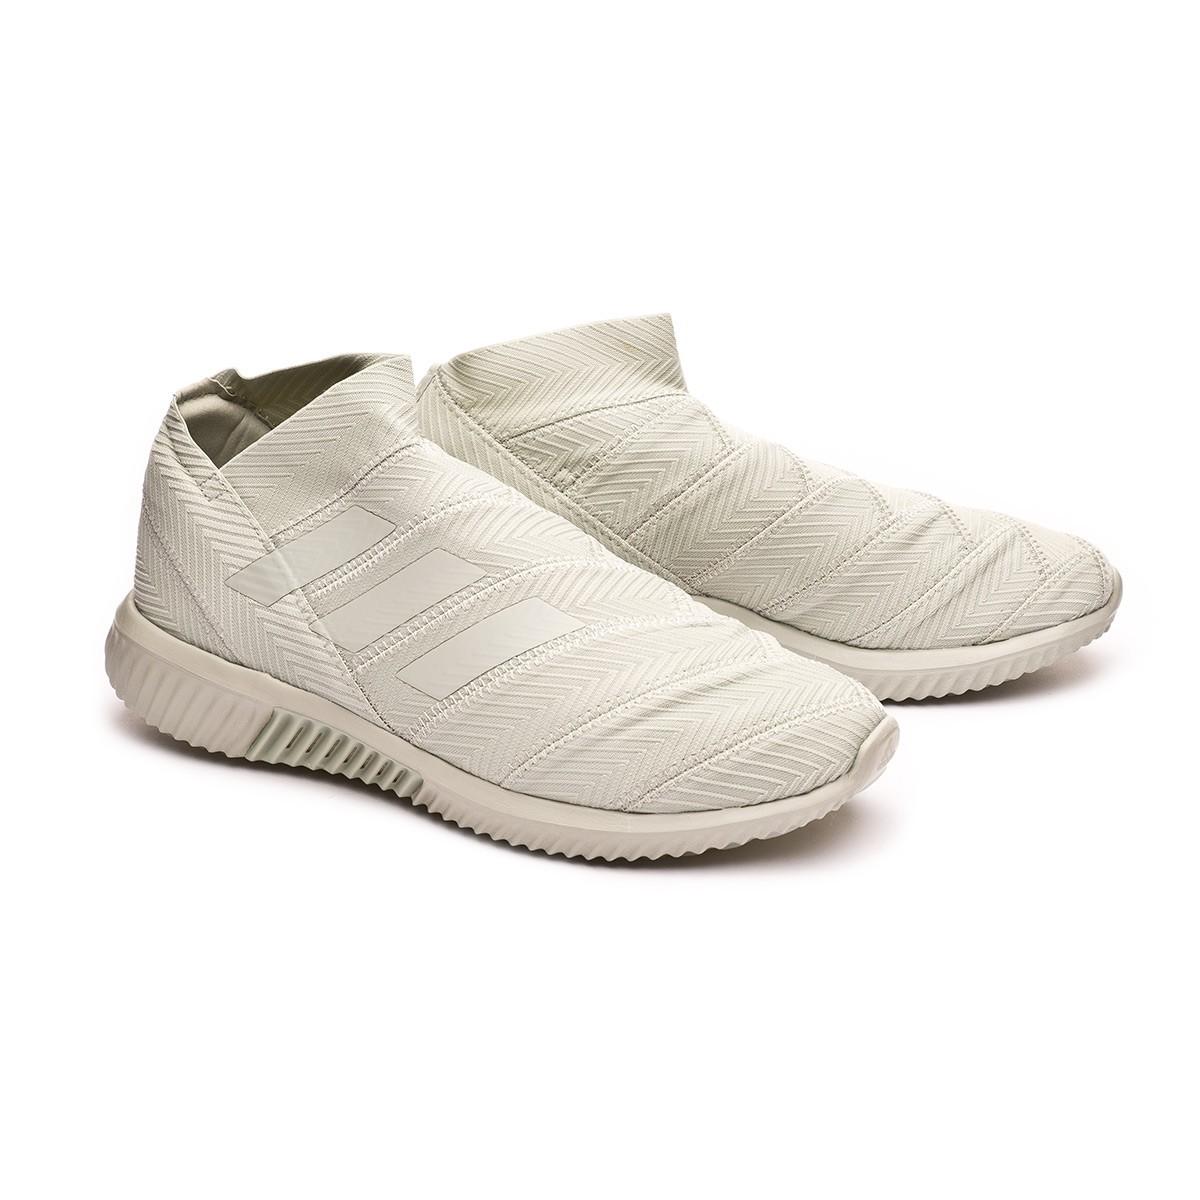 Zapatilla adidas Nemeziz Tango TR Ash Argent Blanc tint